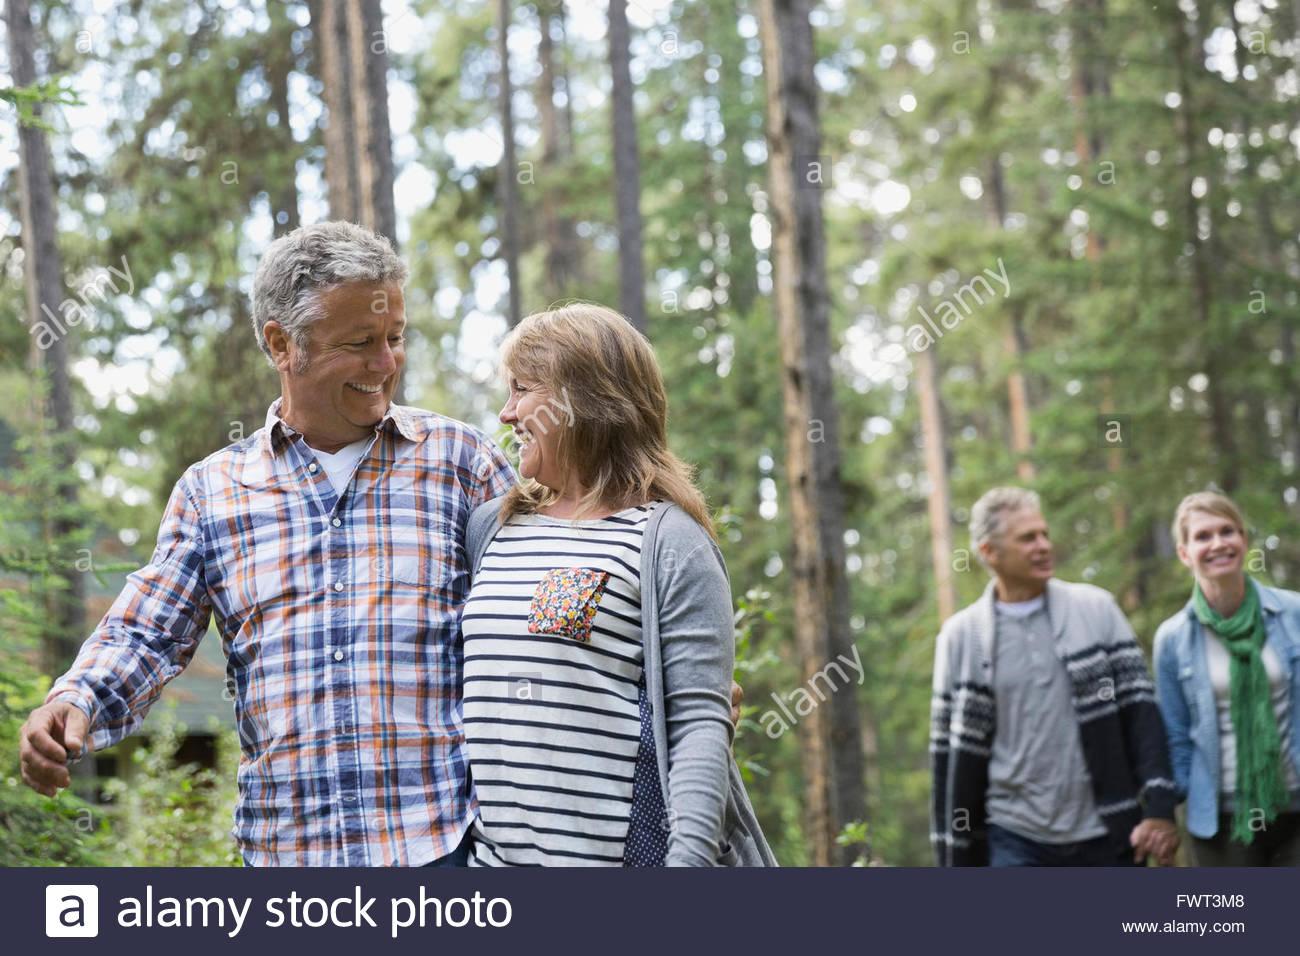 Sonriente pareja de mediana edad caminando en el bosque Imagen De Stock